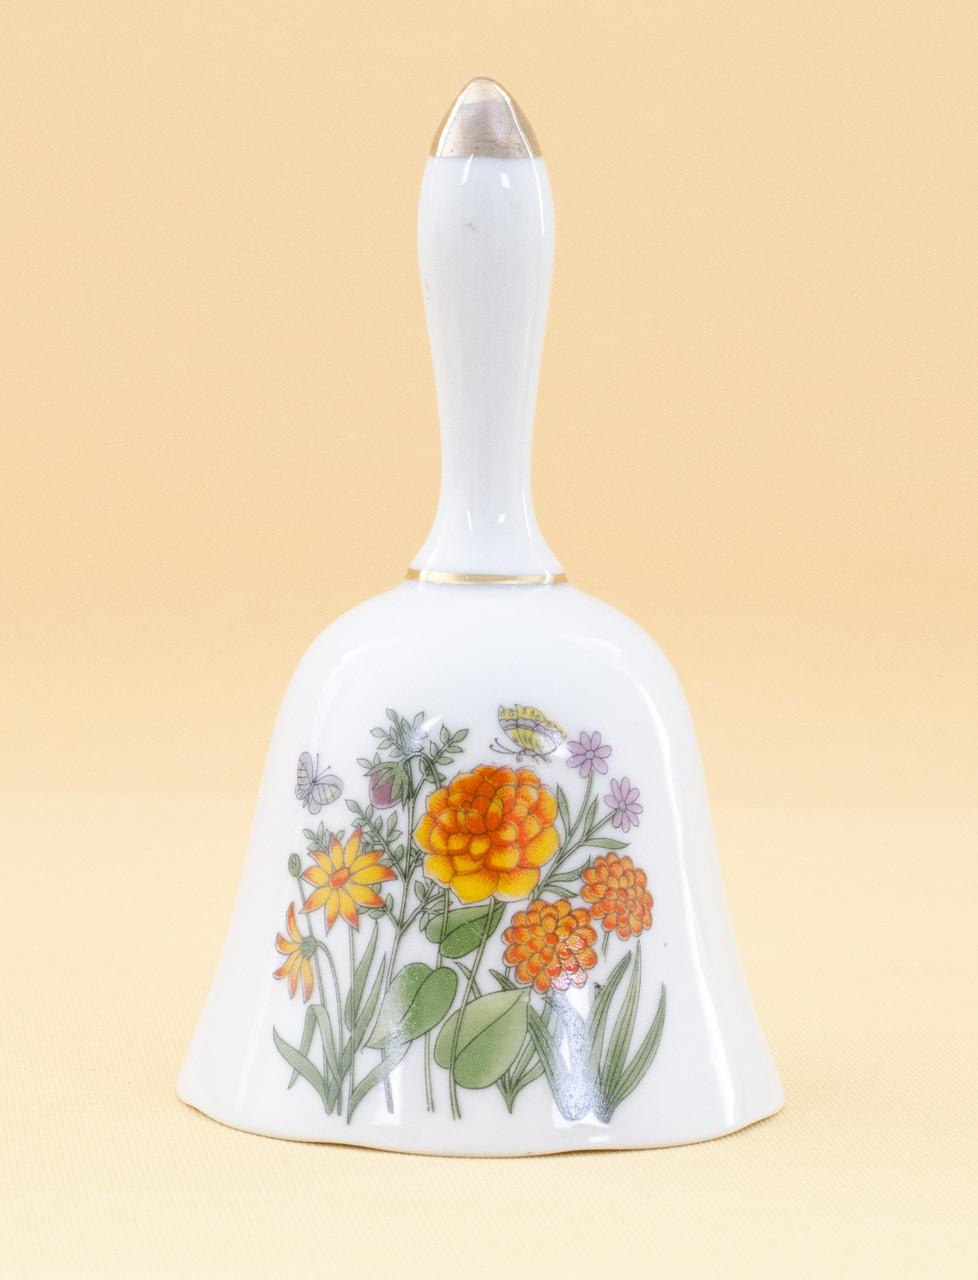 Винтажный коллекционный колокольчик, фарфор, Япония